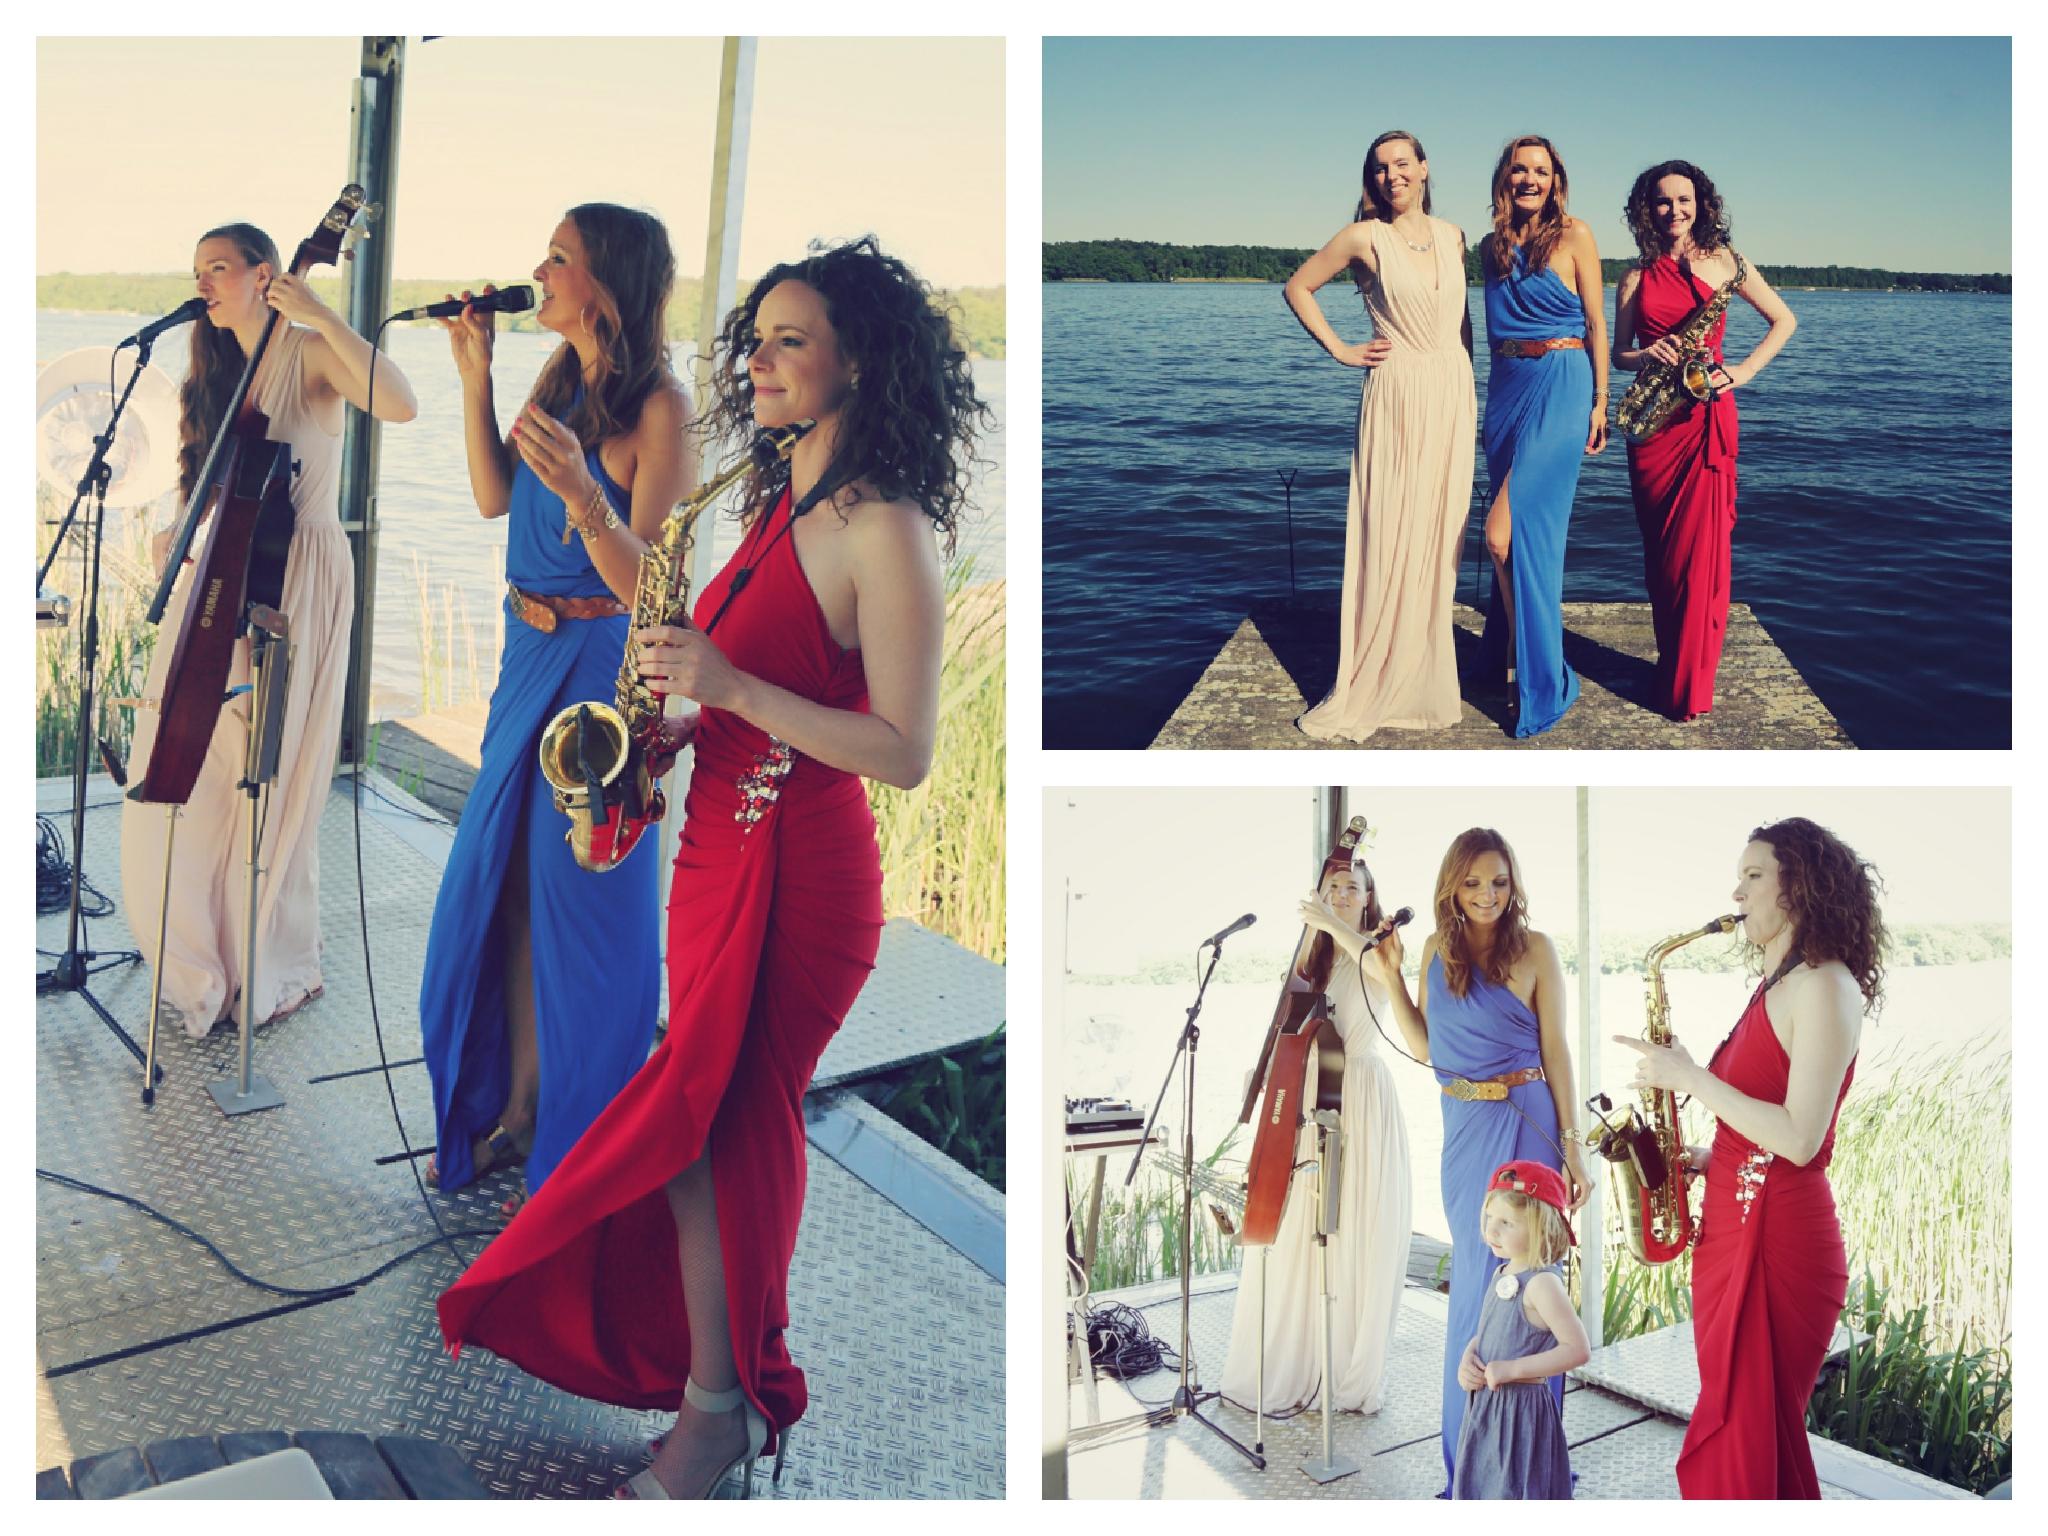 Moderatorin und Sängerin Iza Höll mit der Frauenband Sunset Orange in Zeuthen